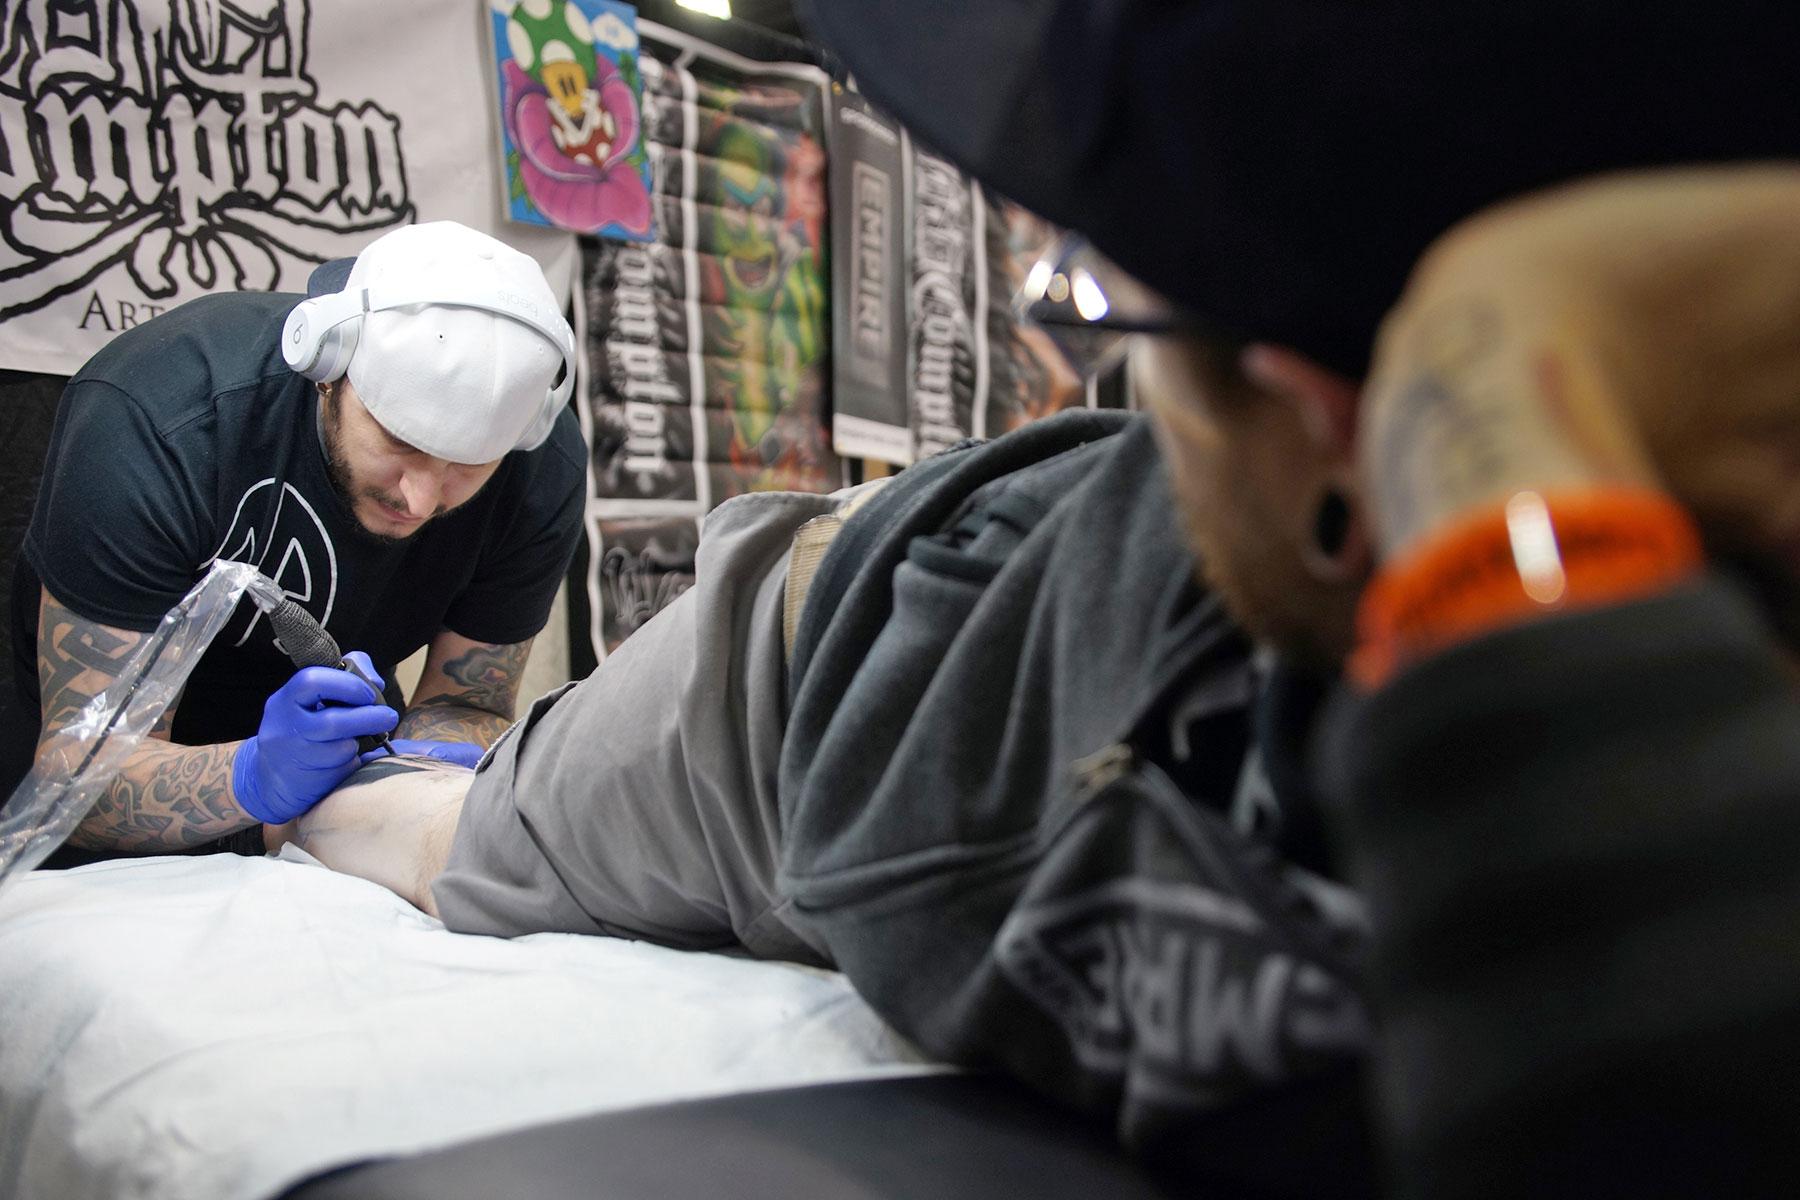 04_092118_tattooarts_0583